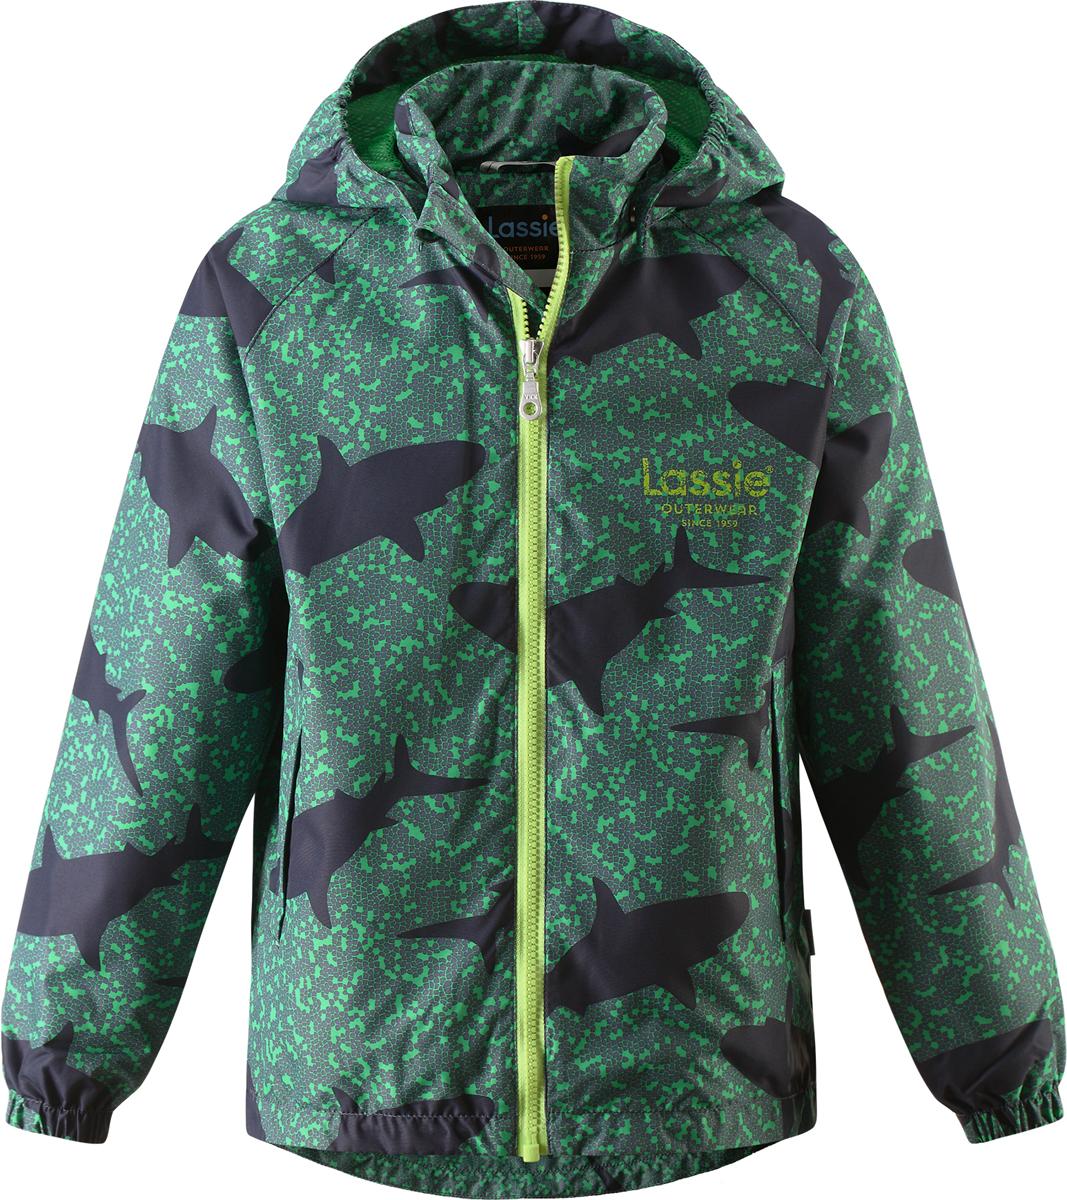 Куртка для мальчика Lassie, цвет: зеленый. 721705R881. Размер 92721705R881Куртка для мальчика Lassie с легкой степенью утепления изготовлена из ветронепроницаемого, водо- и грязеотталкивающего материала. Куртка прямого кроя с воротником-стойкой и съемным капюшоном застегивается на молнию с защитой подбородка и дополнительно имеет внутреннюю ветрозащитную планку. Капюшон пристегивается к куртке при помощи кнопок. Капюшон по краям и манжеты рукавов присборены на резинки. Спереди расположены два удобных прорезных кармана липучках. Теплая, комфортная и практичная куртка идеально подойдет для прогулок и игр на свежем воздухе!Температурный режим от 0°С до -10°С.